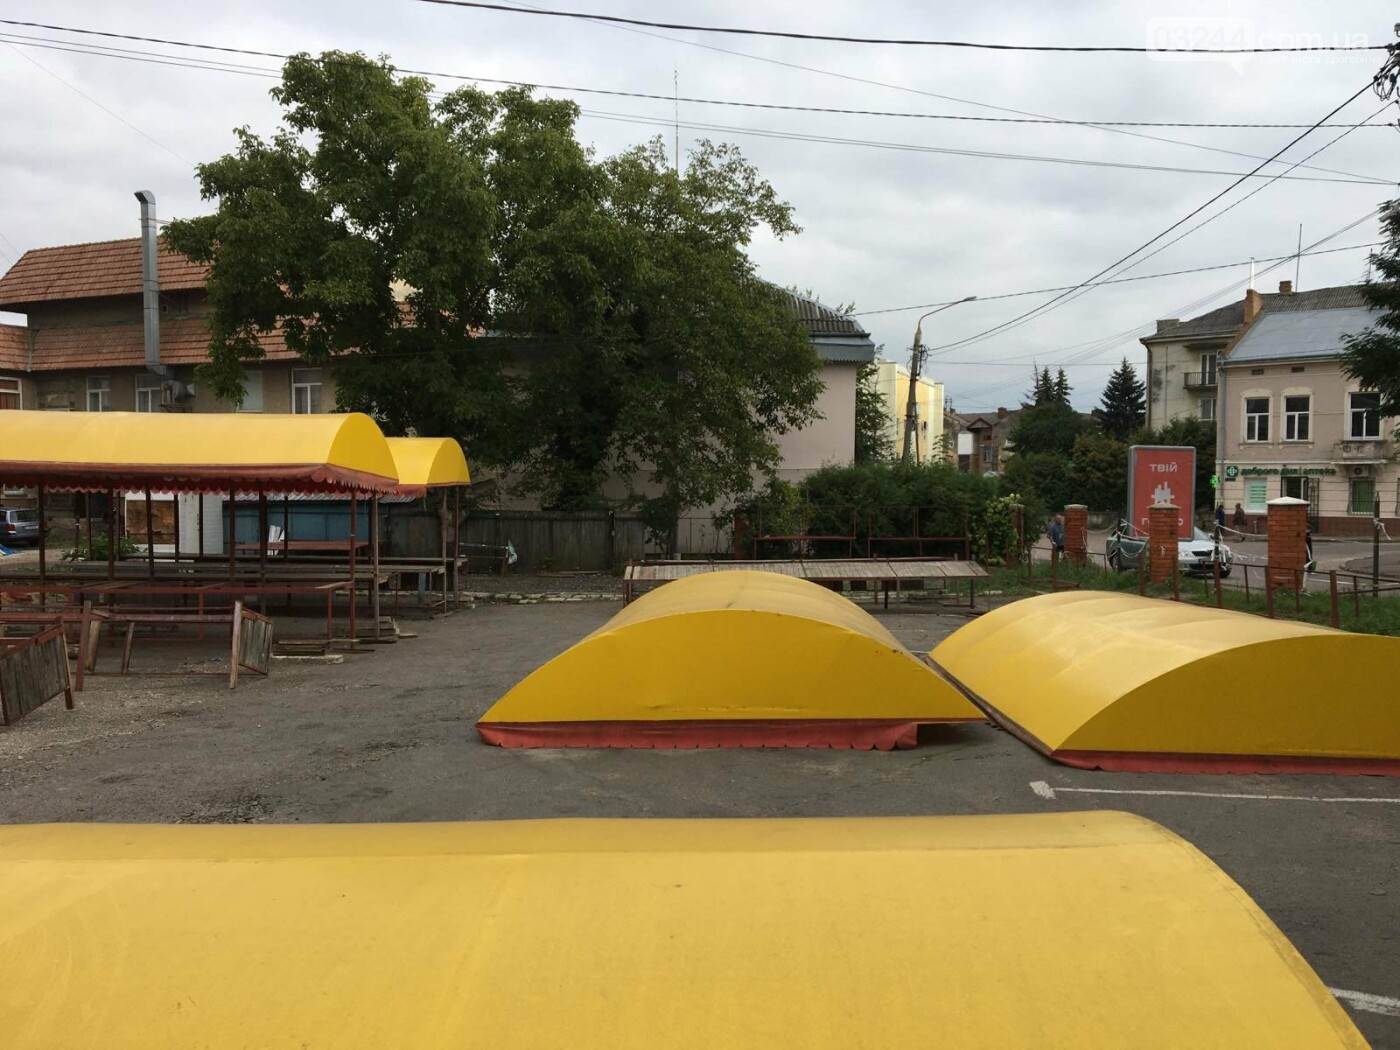 Ні - стихійній торгівлі! У Дрогобичі облаштують новий ринок, куди хочуть перенести торгівлю з під «Прометею», фото-3